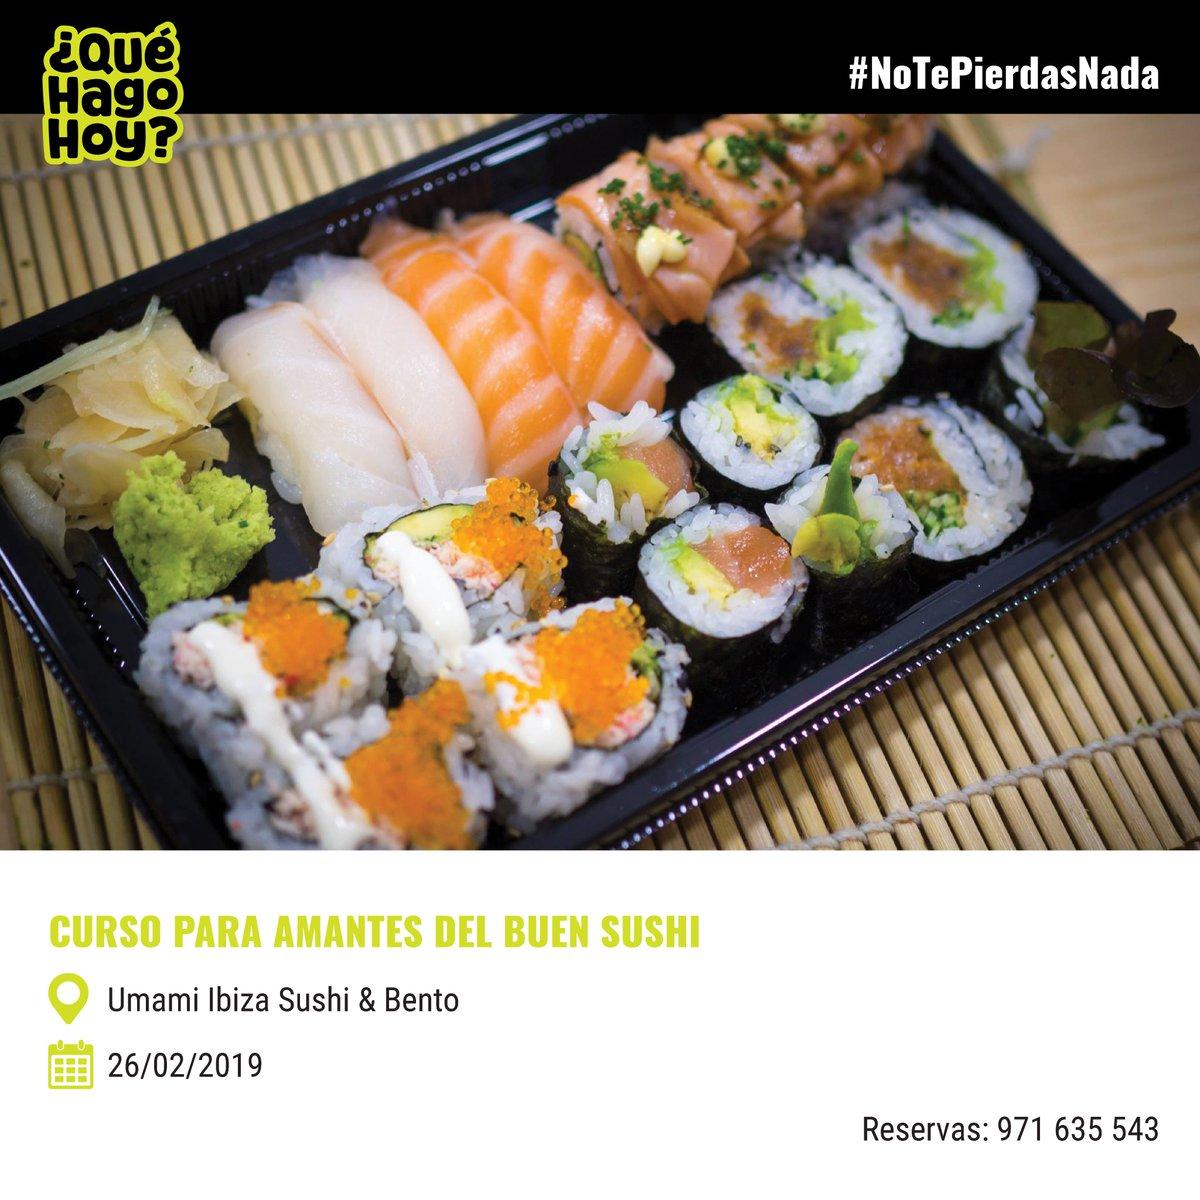 ‼️Quedan las últimas plazas del curso para amantes del buen sushi‼️ Apúntate ya 🍱🍘🍙🍥🍤  👉🏼 Más actividades: http://www.quehagohoyibiza.com   #ibiza #notepierdasnada #food #foodie #sushi #lovefood